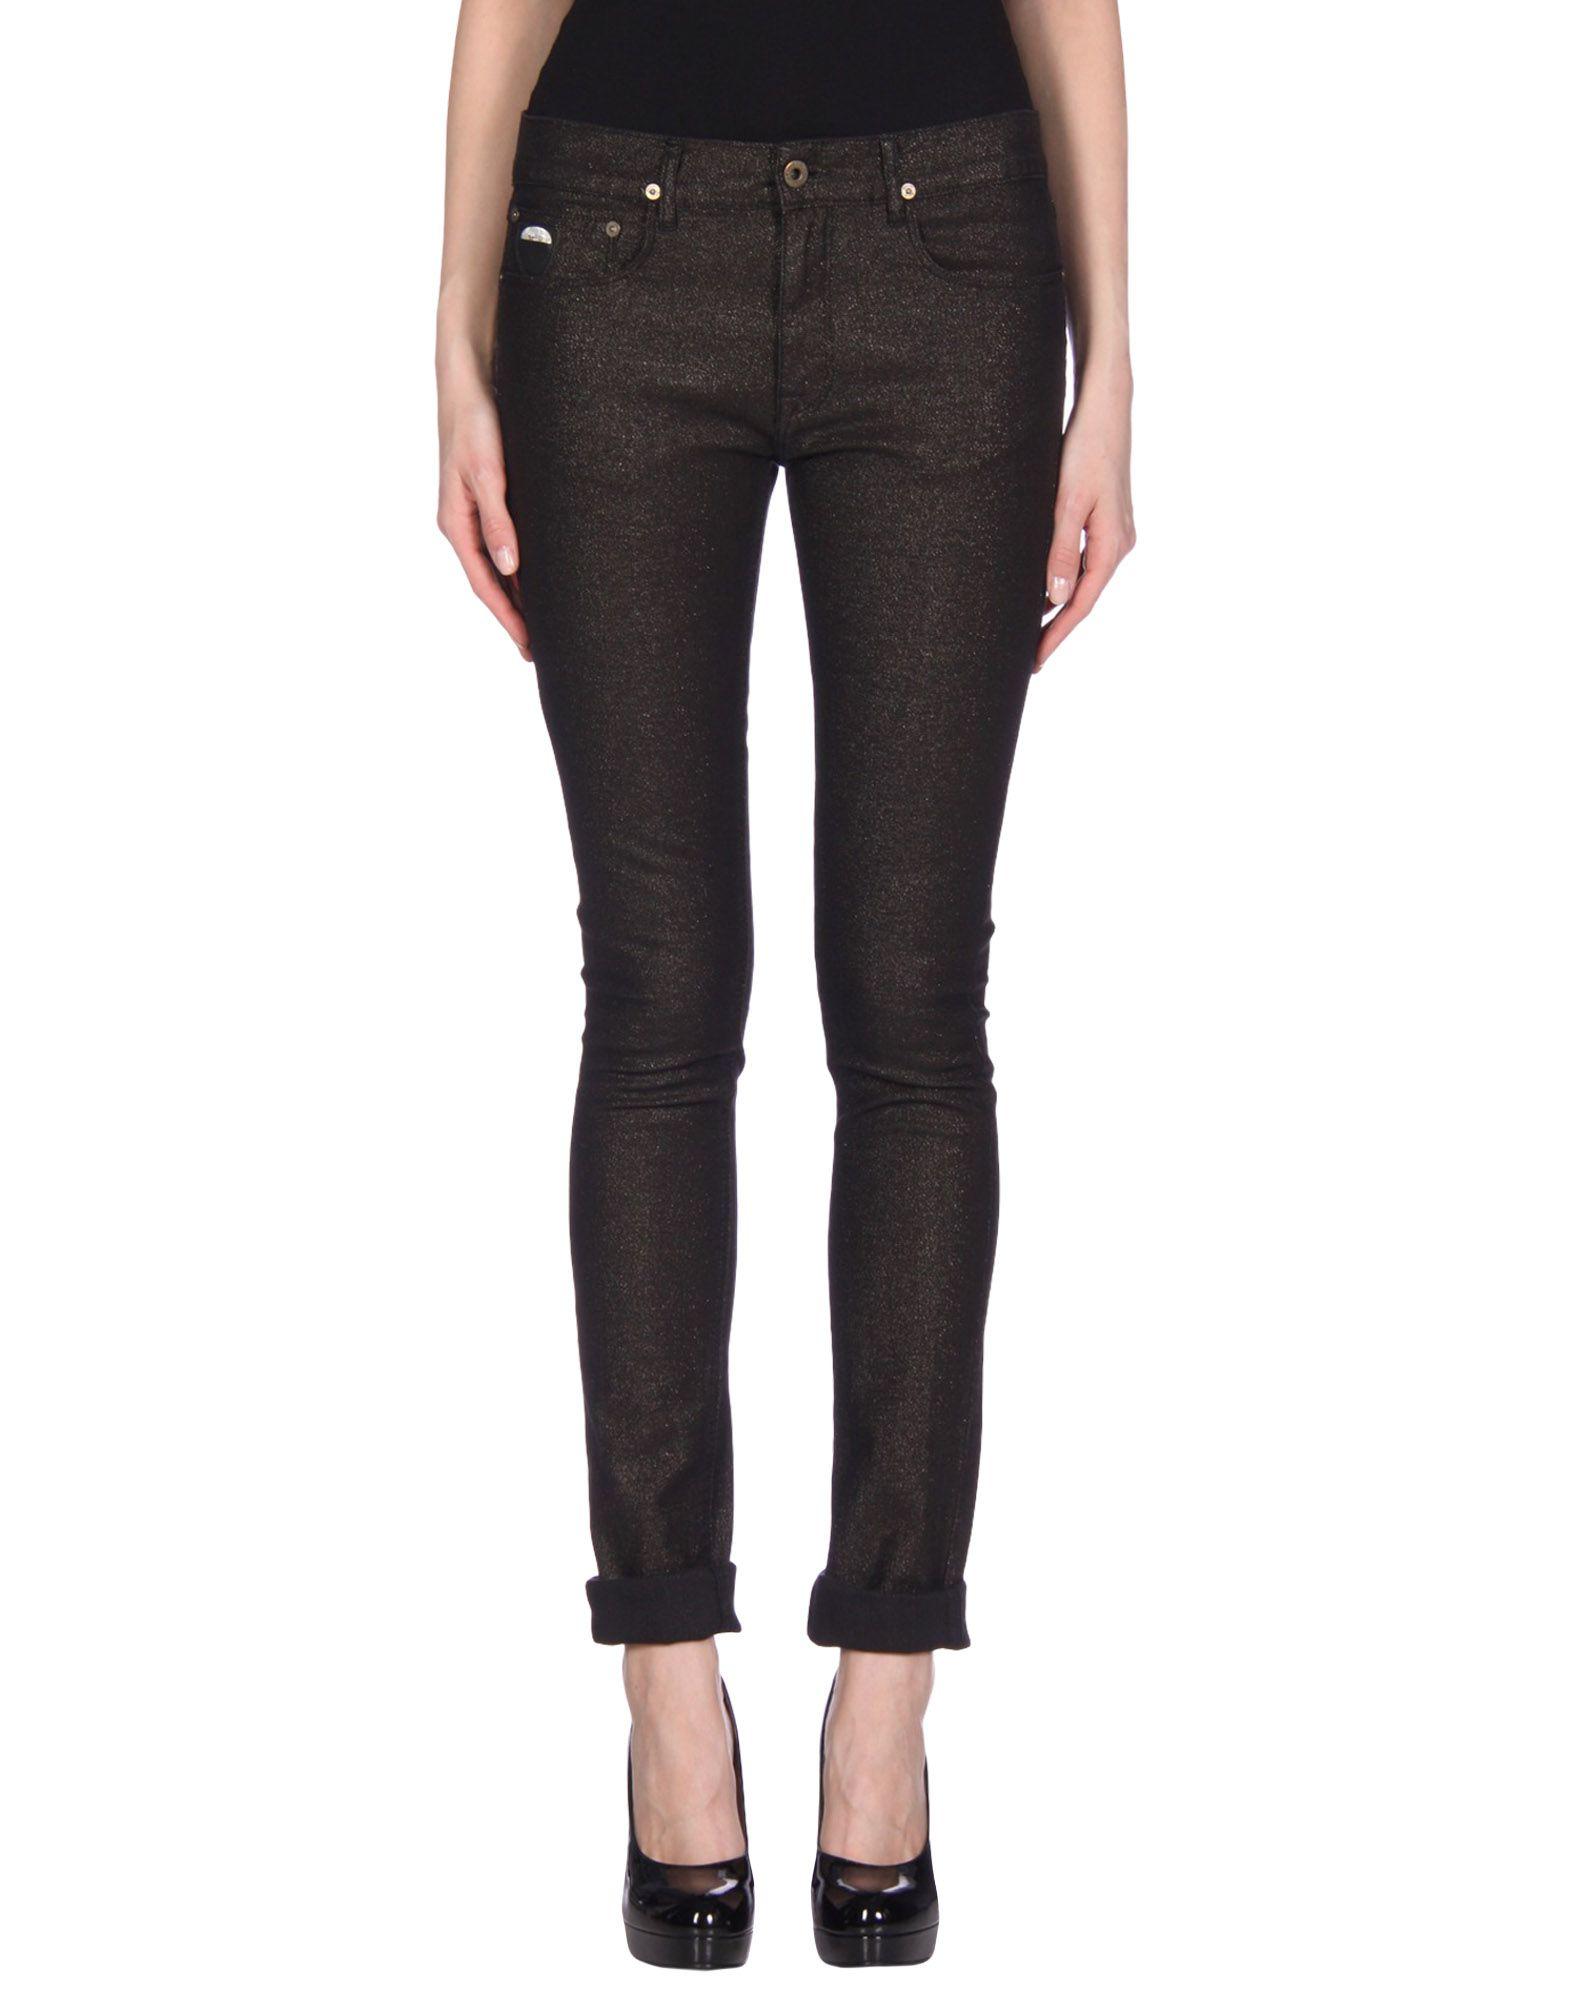 APRIL77 Casual Pants in Black